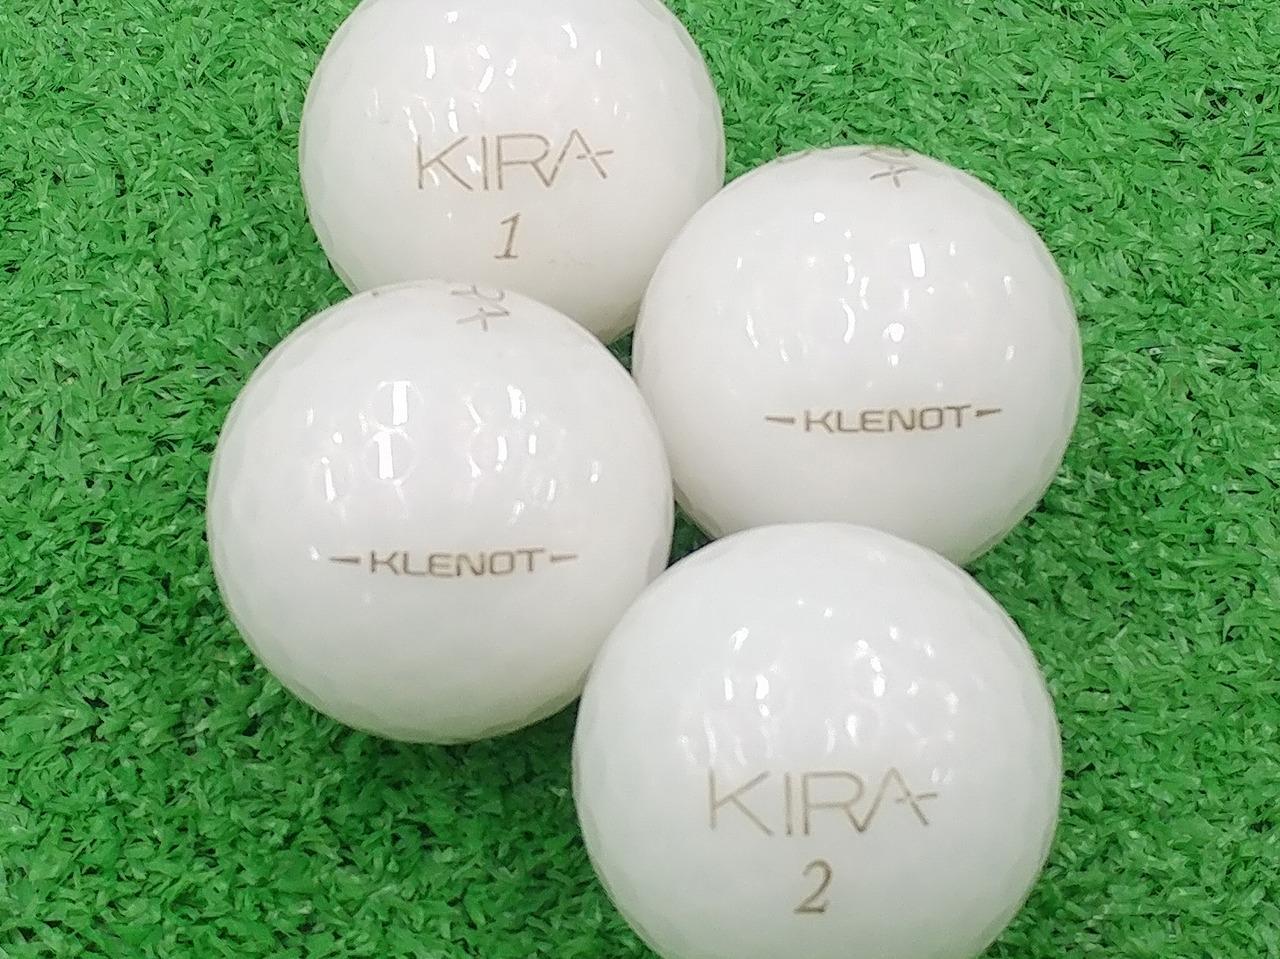 【ABランク】Kasco(キャスコ) KIRA KLENOT オパール 2014年モデル 1個